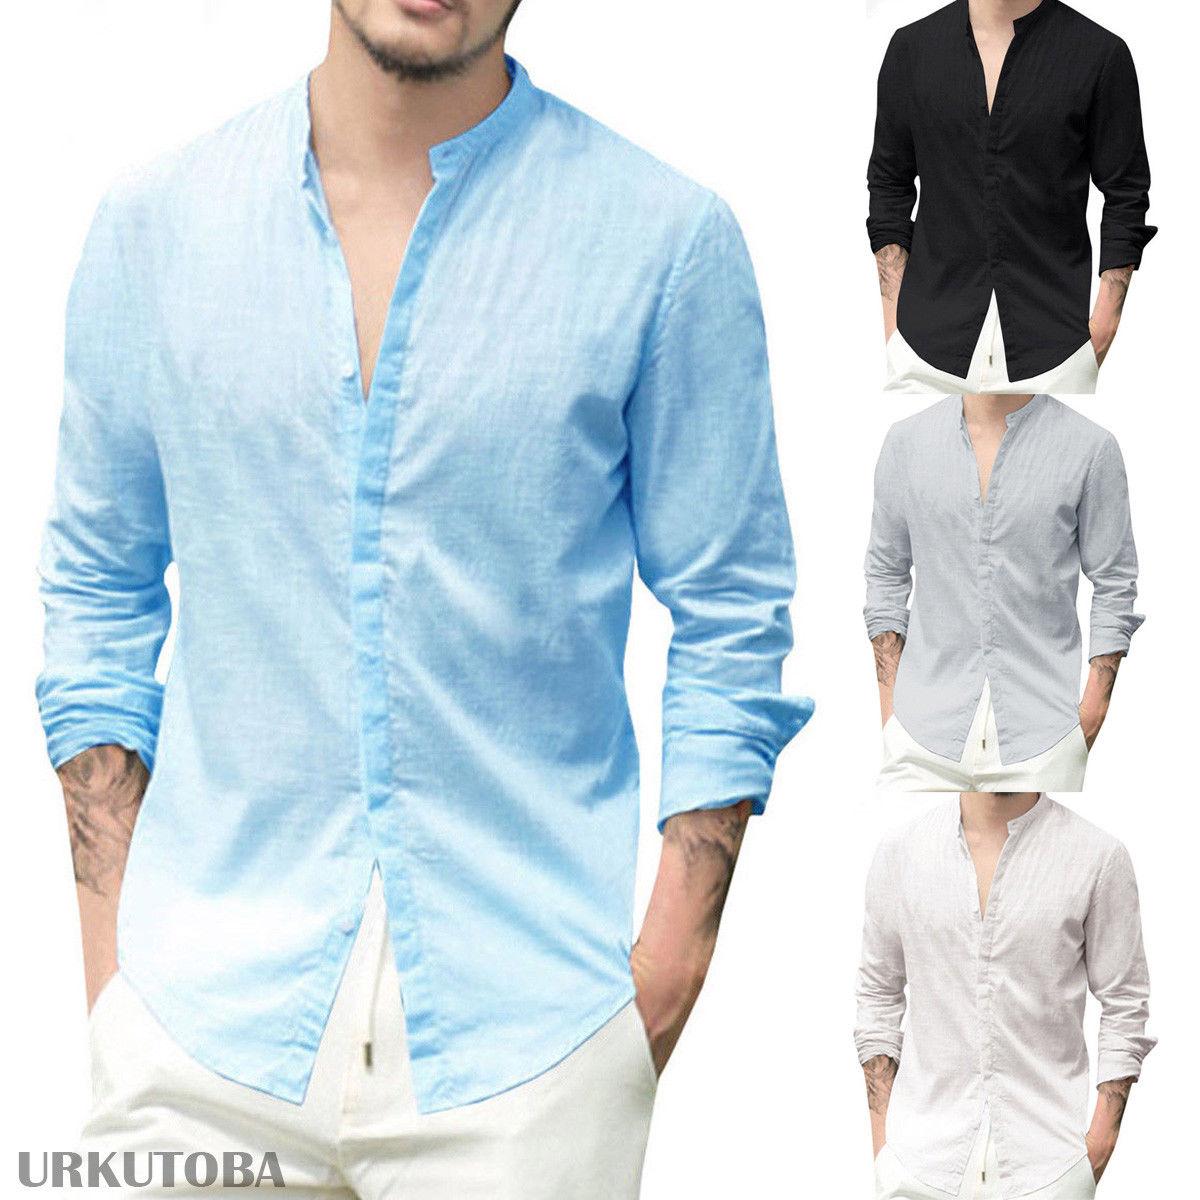 Новые мужские рубашки с длинным рукавом из хлопка и льна повседневные рубашки для мальчиков рубашка из хлопка с v-образным вырезом китайски...